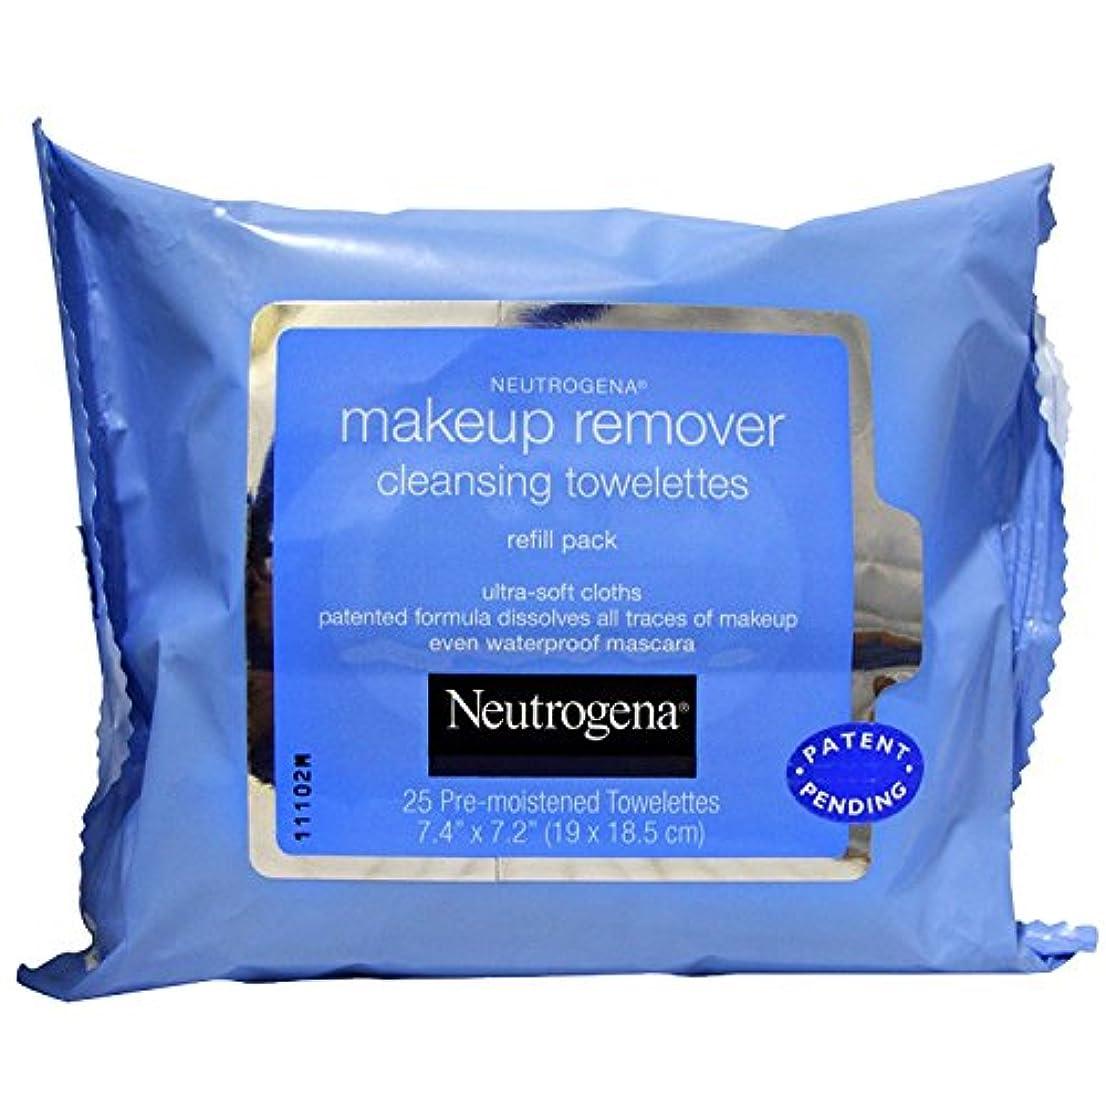 混雑主権者不測の事態NEUTROGENA Makeup Remover Cleansing Towelettes Refill Pack - 25 Count - 25 Towelettes